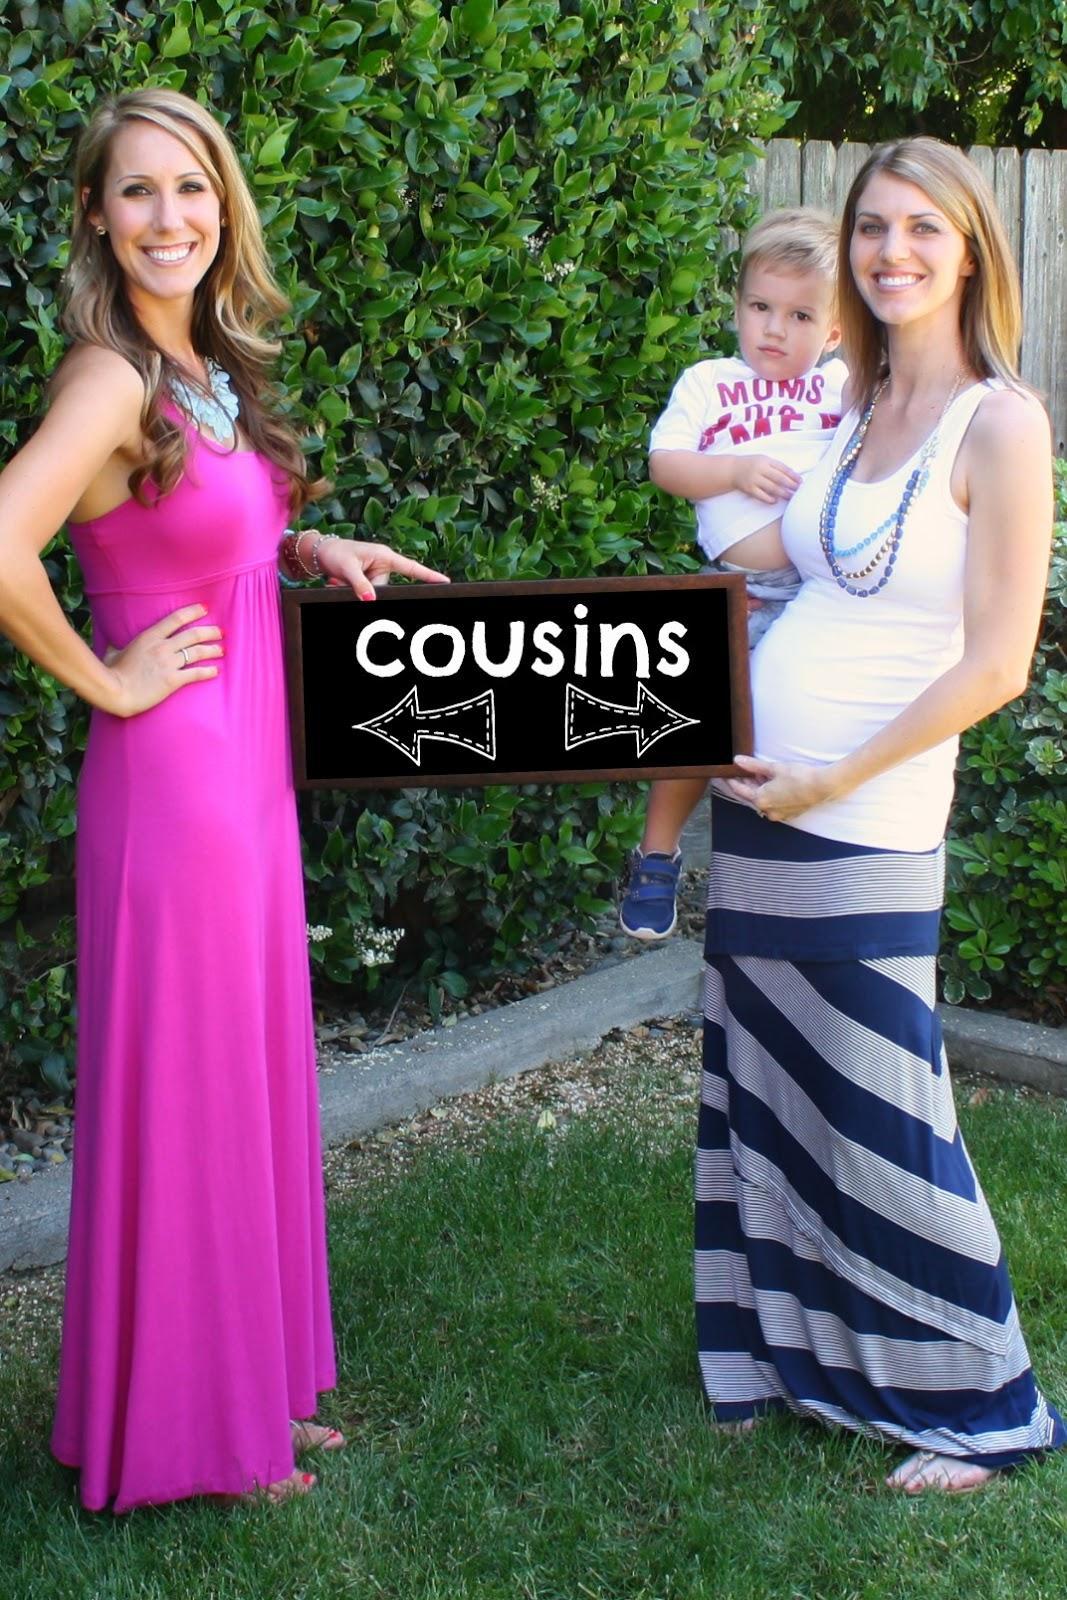 I got my cousin pregnant